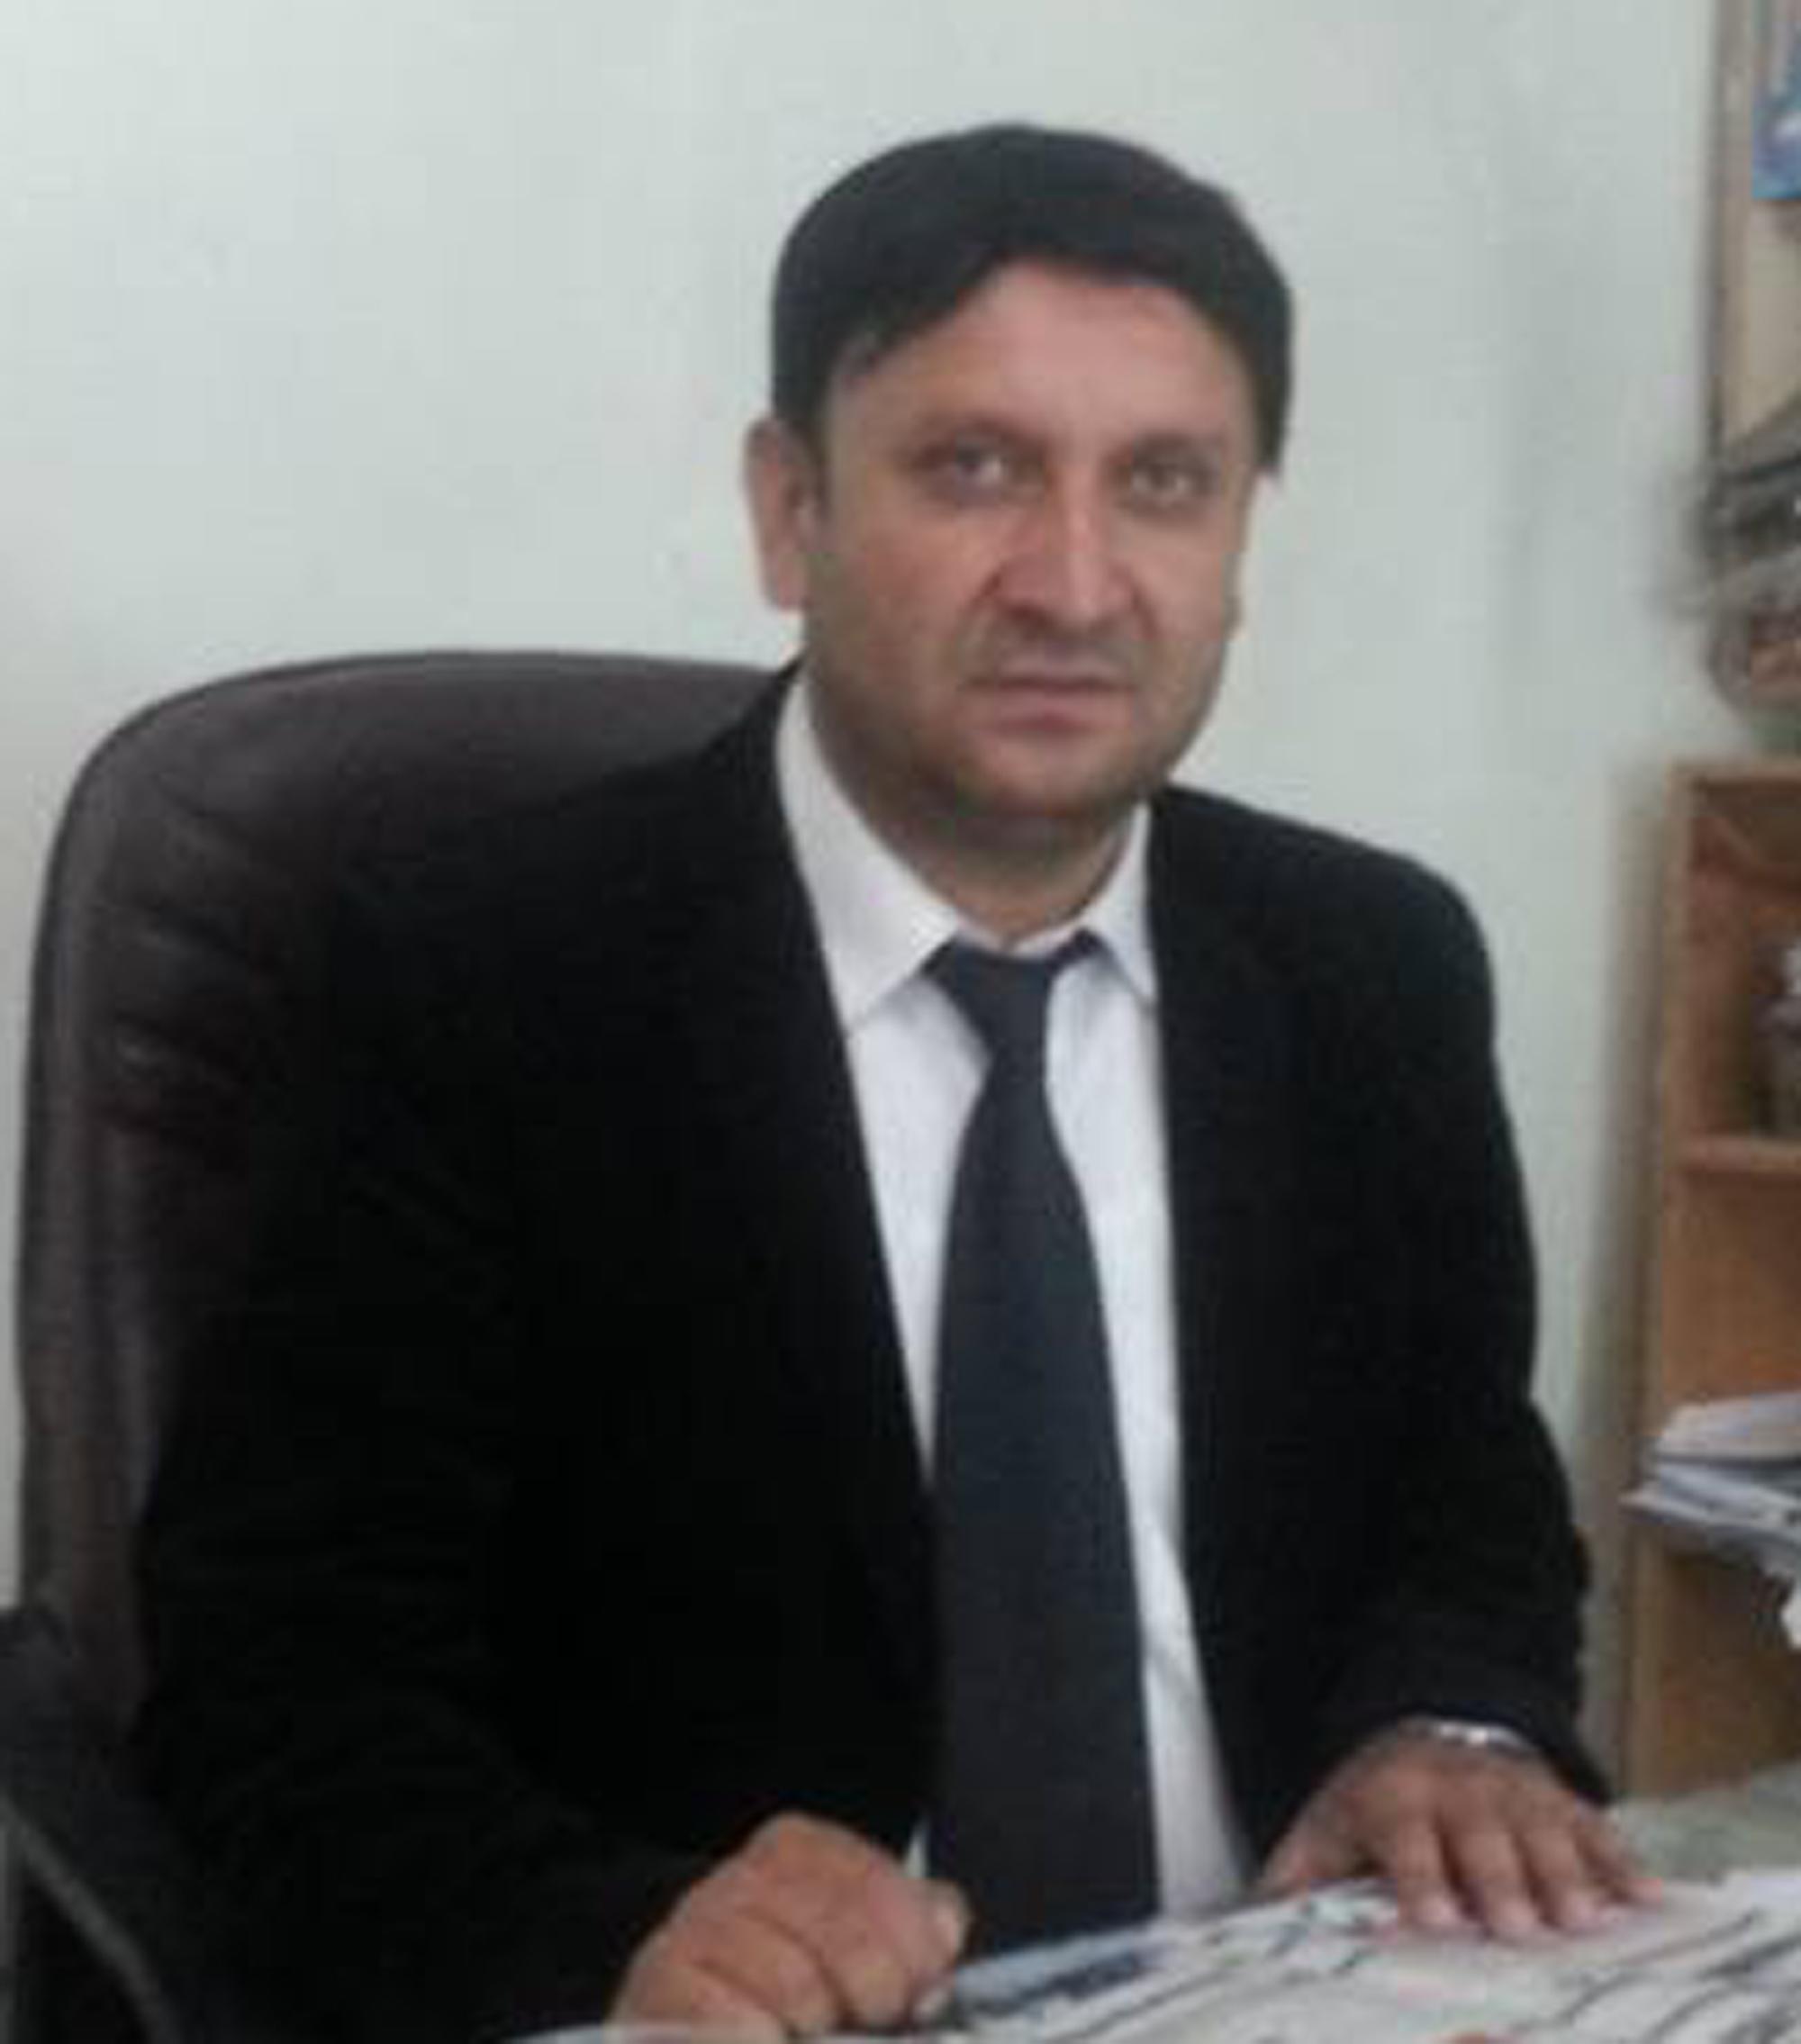 اسیران ہنزہ کا کیس سابق چیف جسٹس رانا شمیم نے بدنیتی اور قانون کی خلاف ورزی سے خراب کردیا، ظہور ایڈوکیٹ